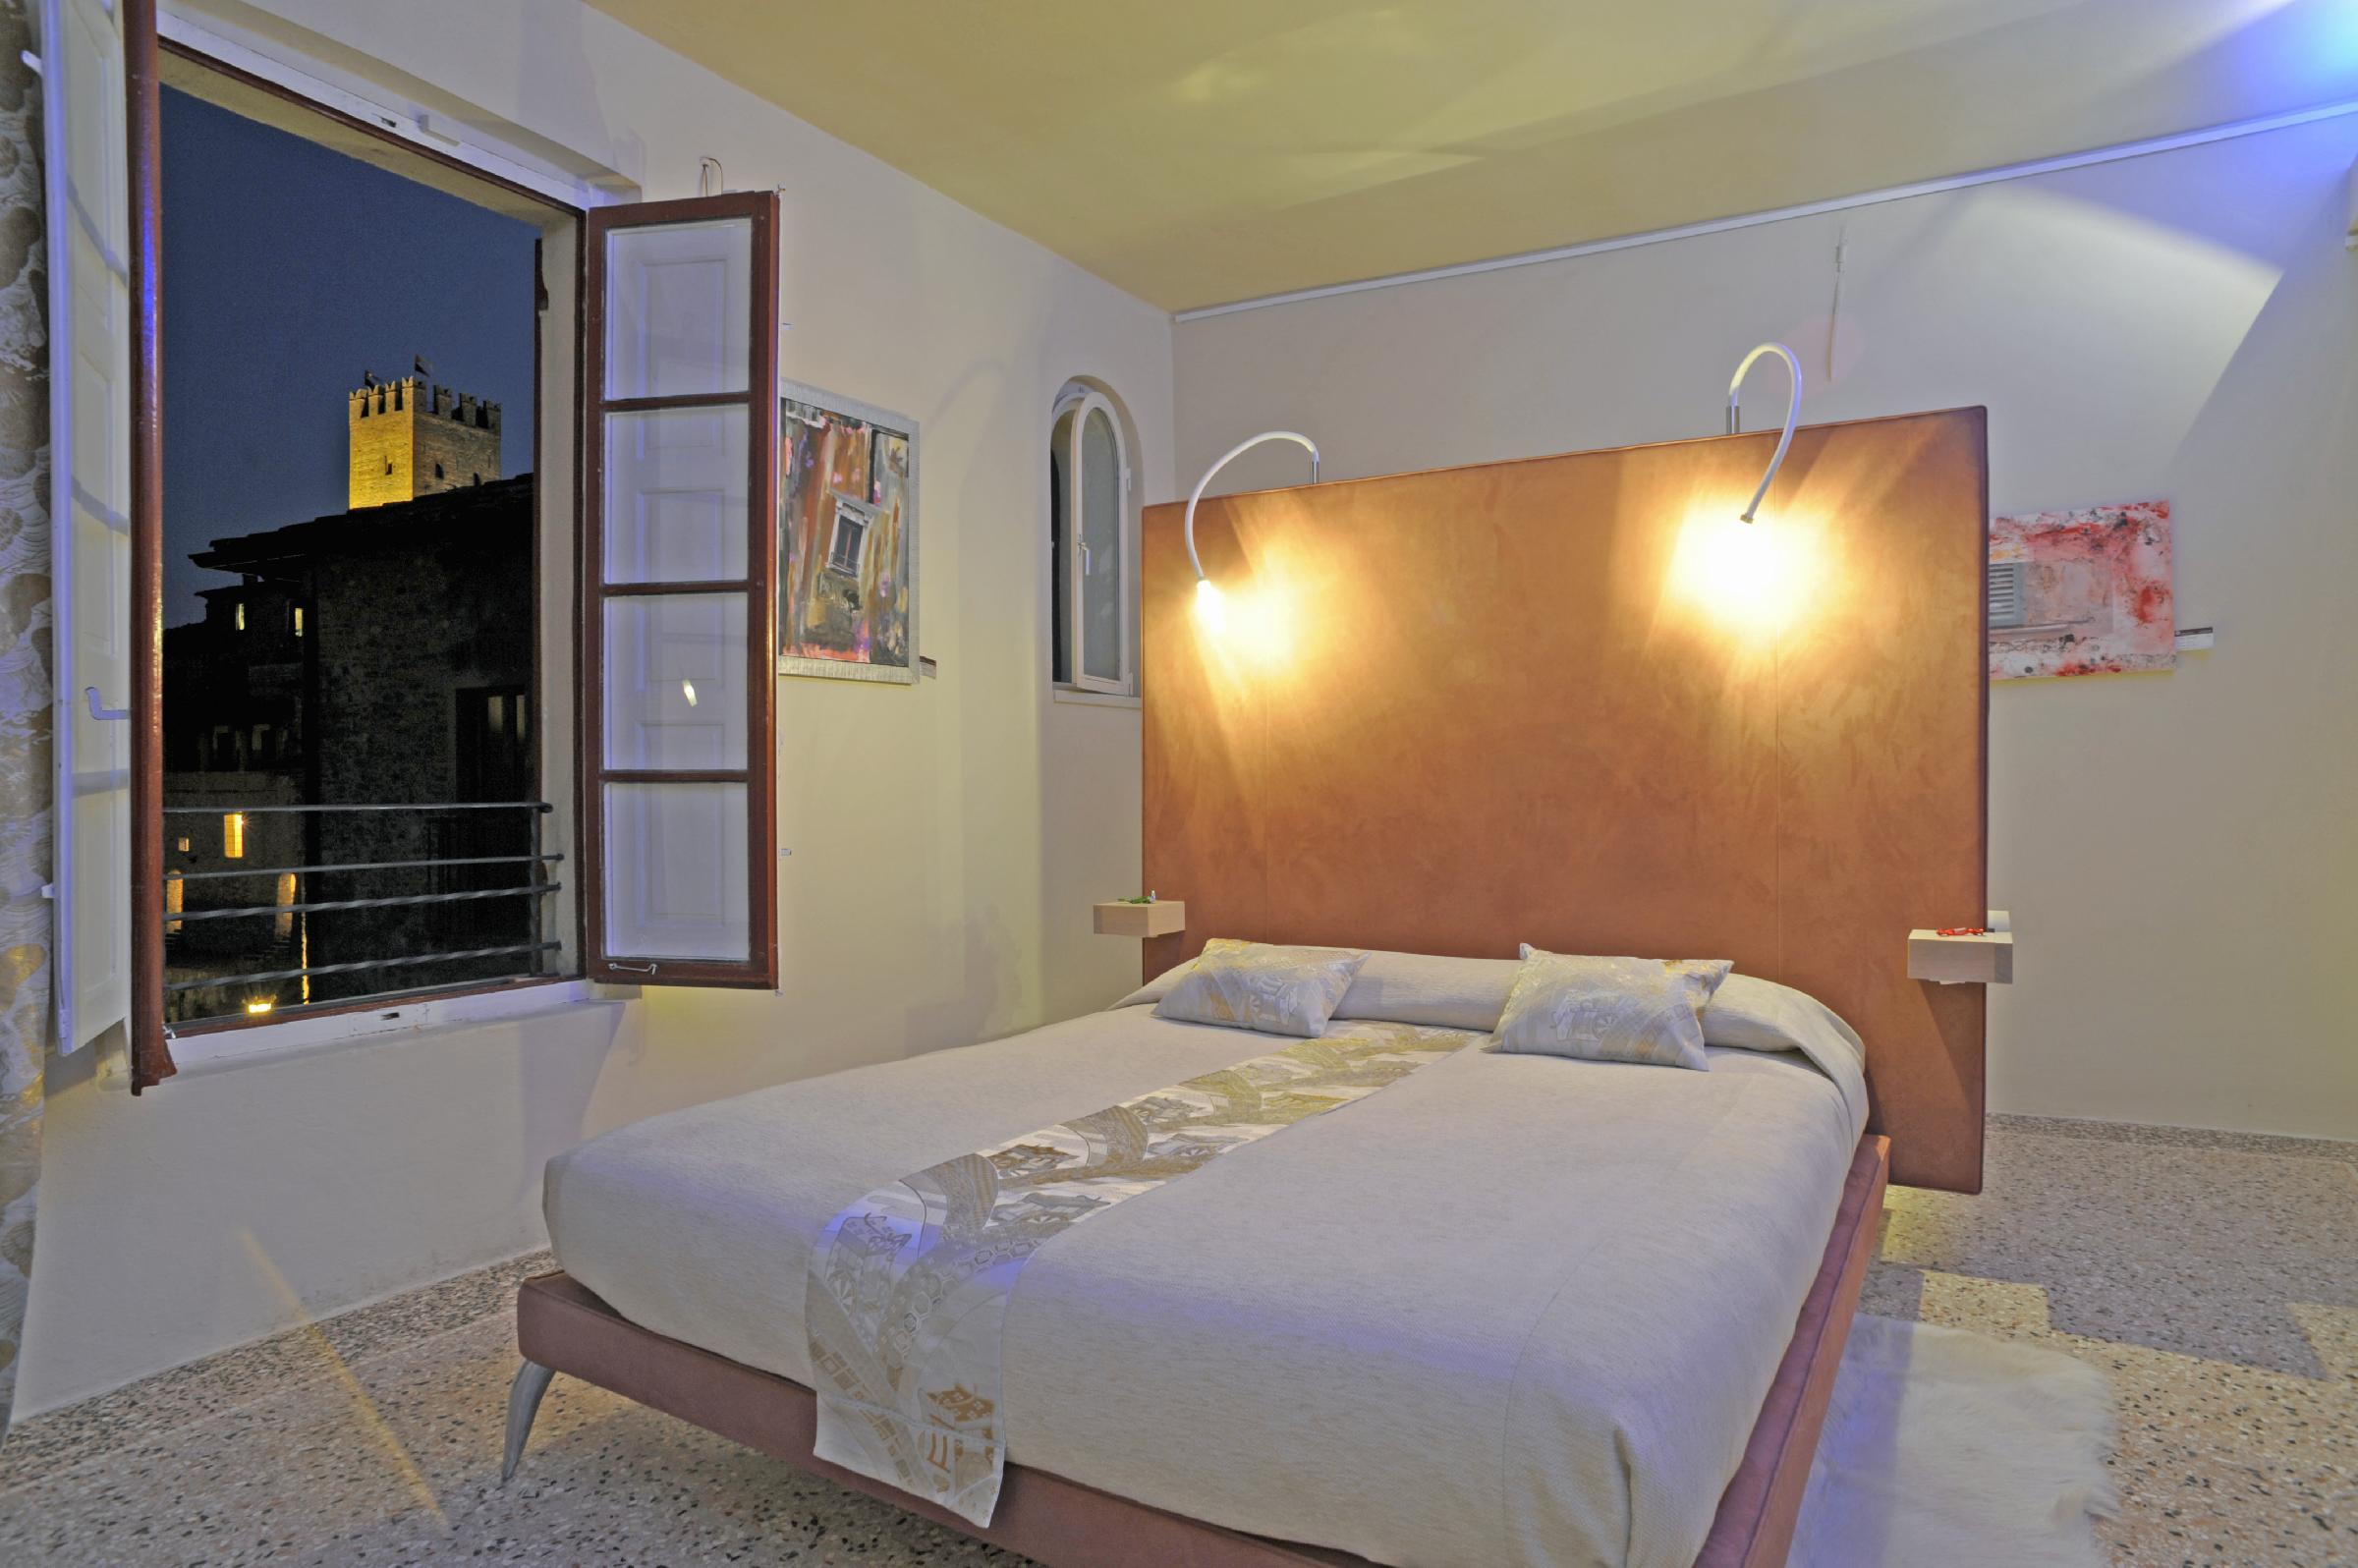 Relais du chateau - Casa Illica